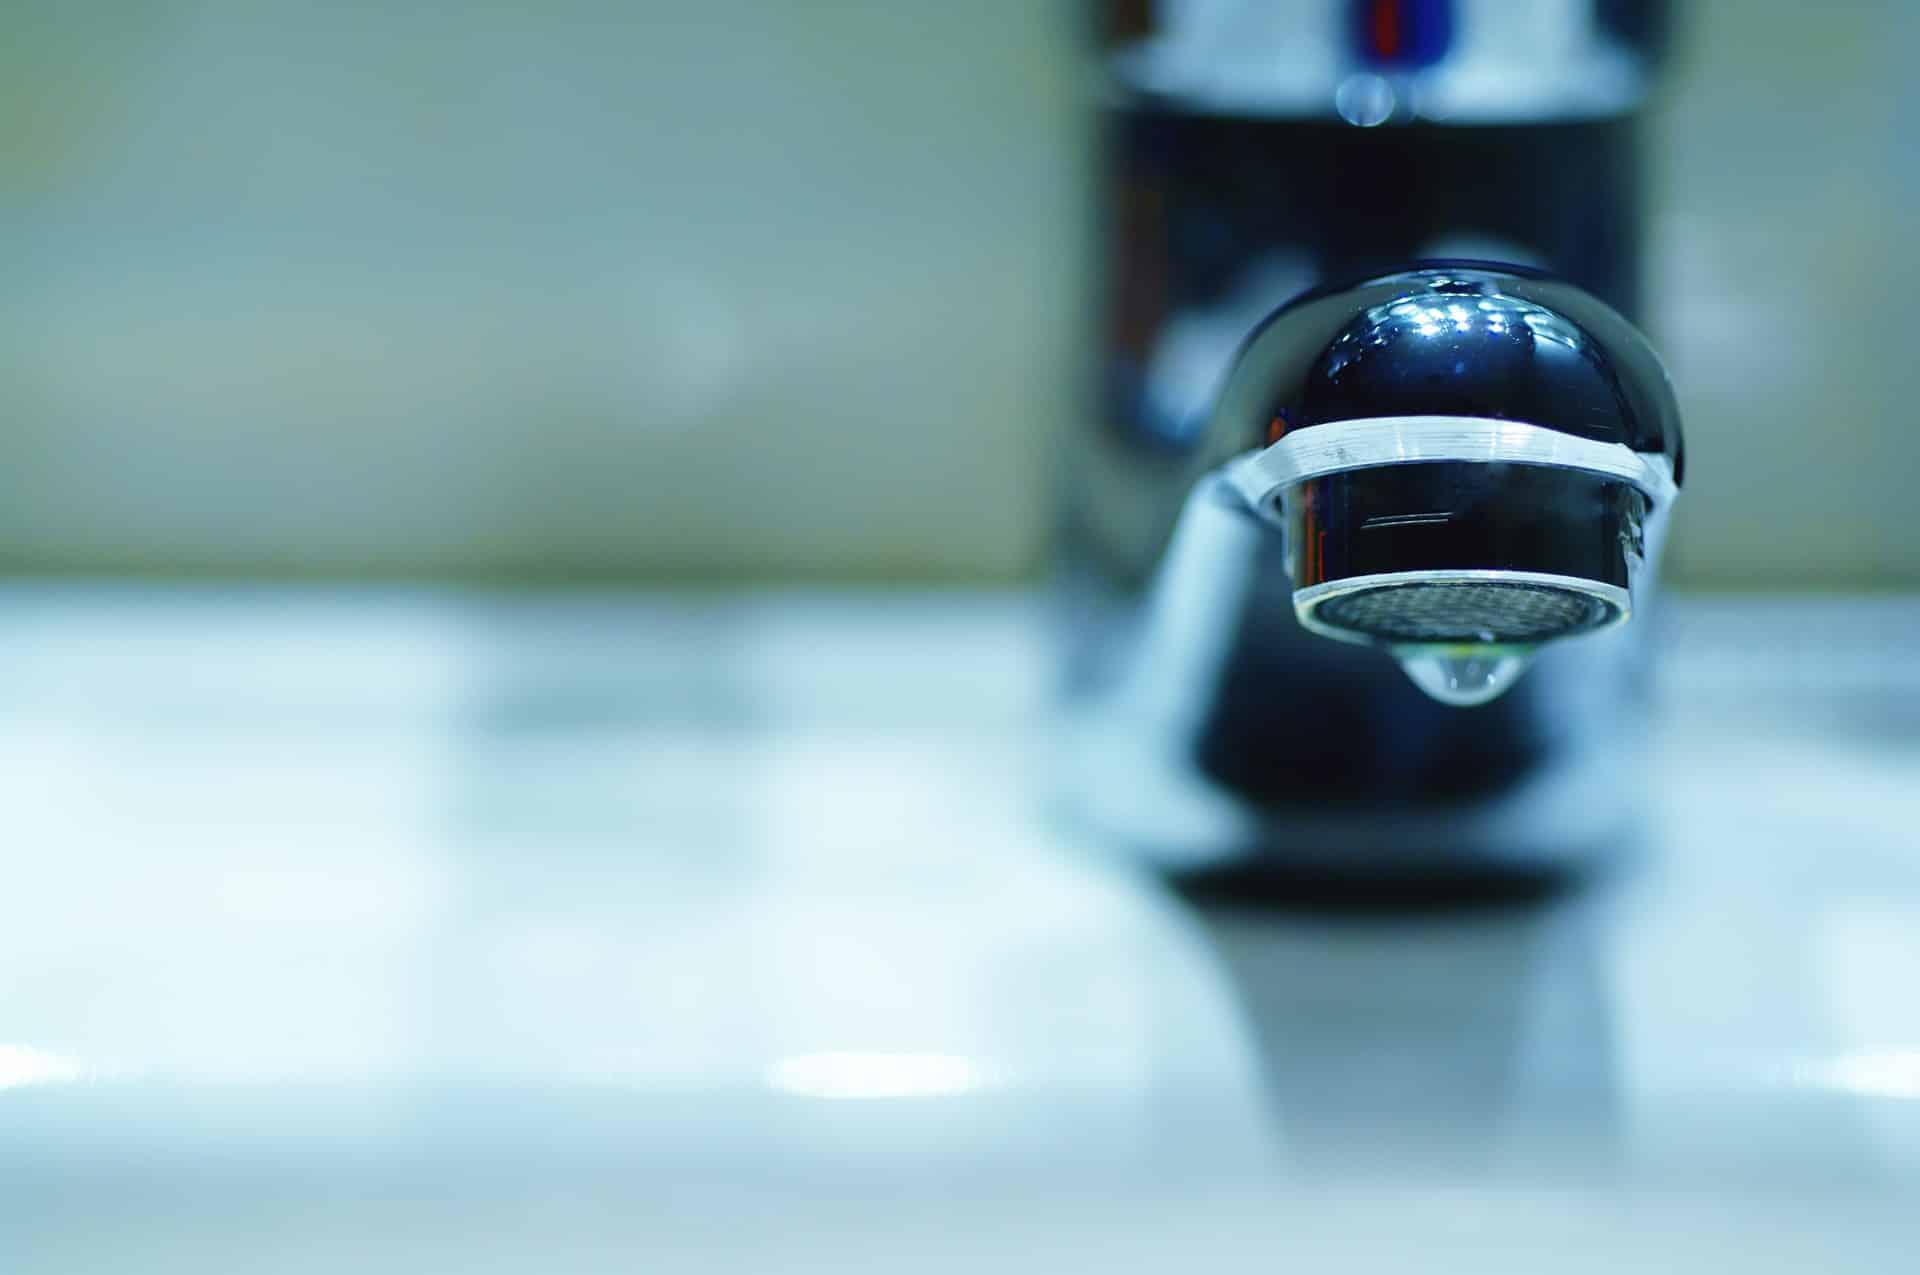 Water sparen thuis: zo doe je dat